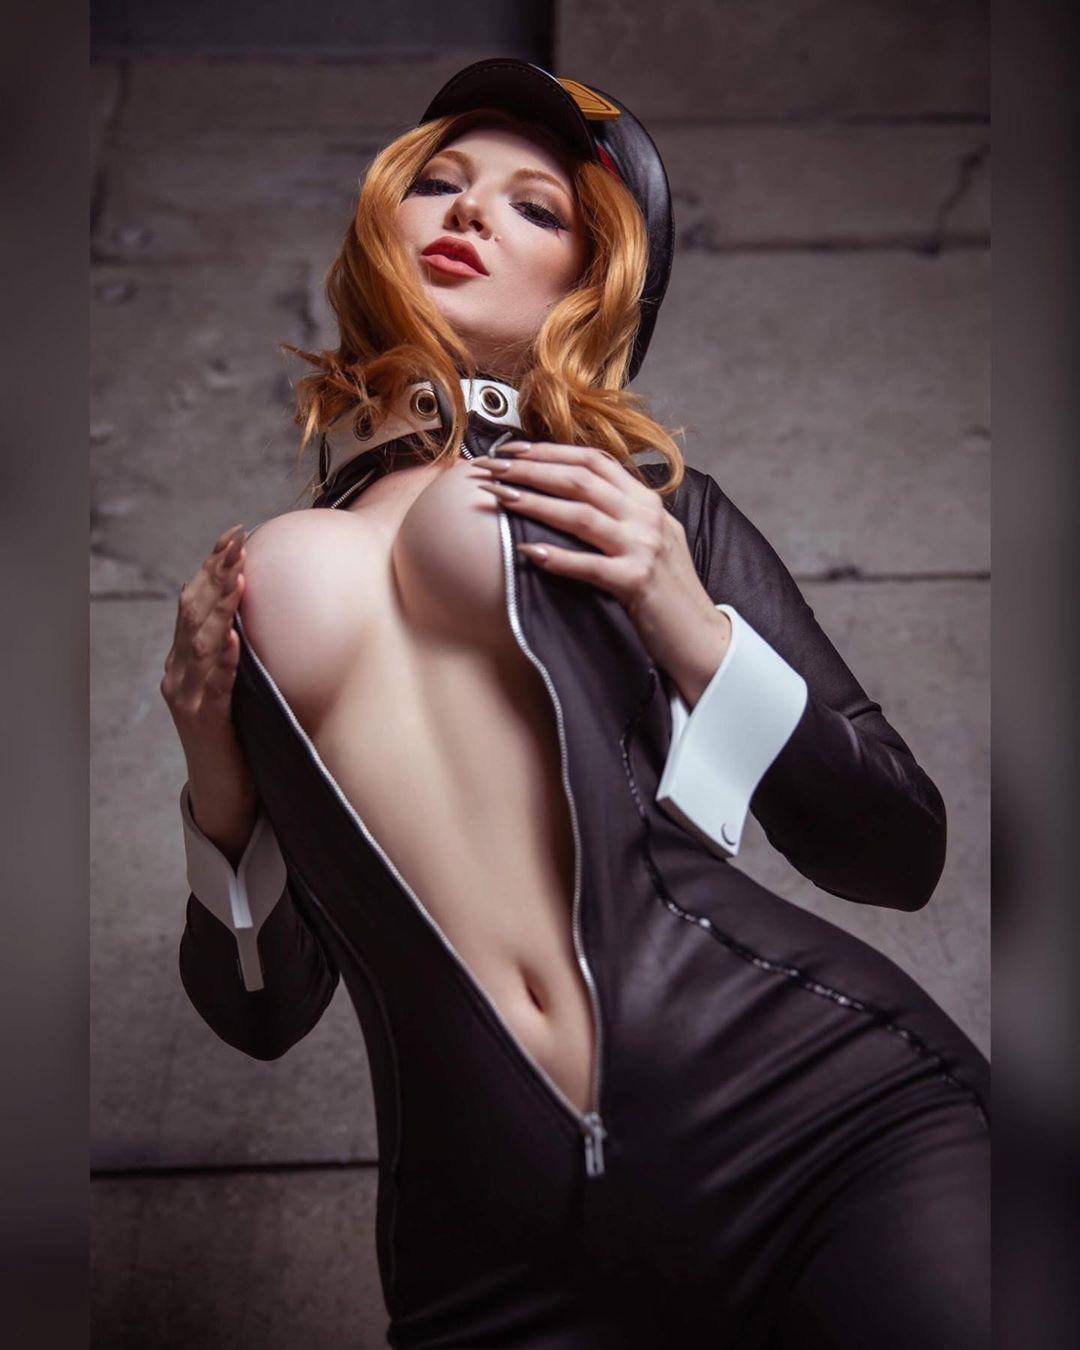 Camie Utsushimi hot cosplay by Ashlynne Dae